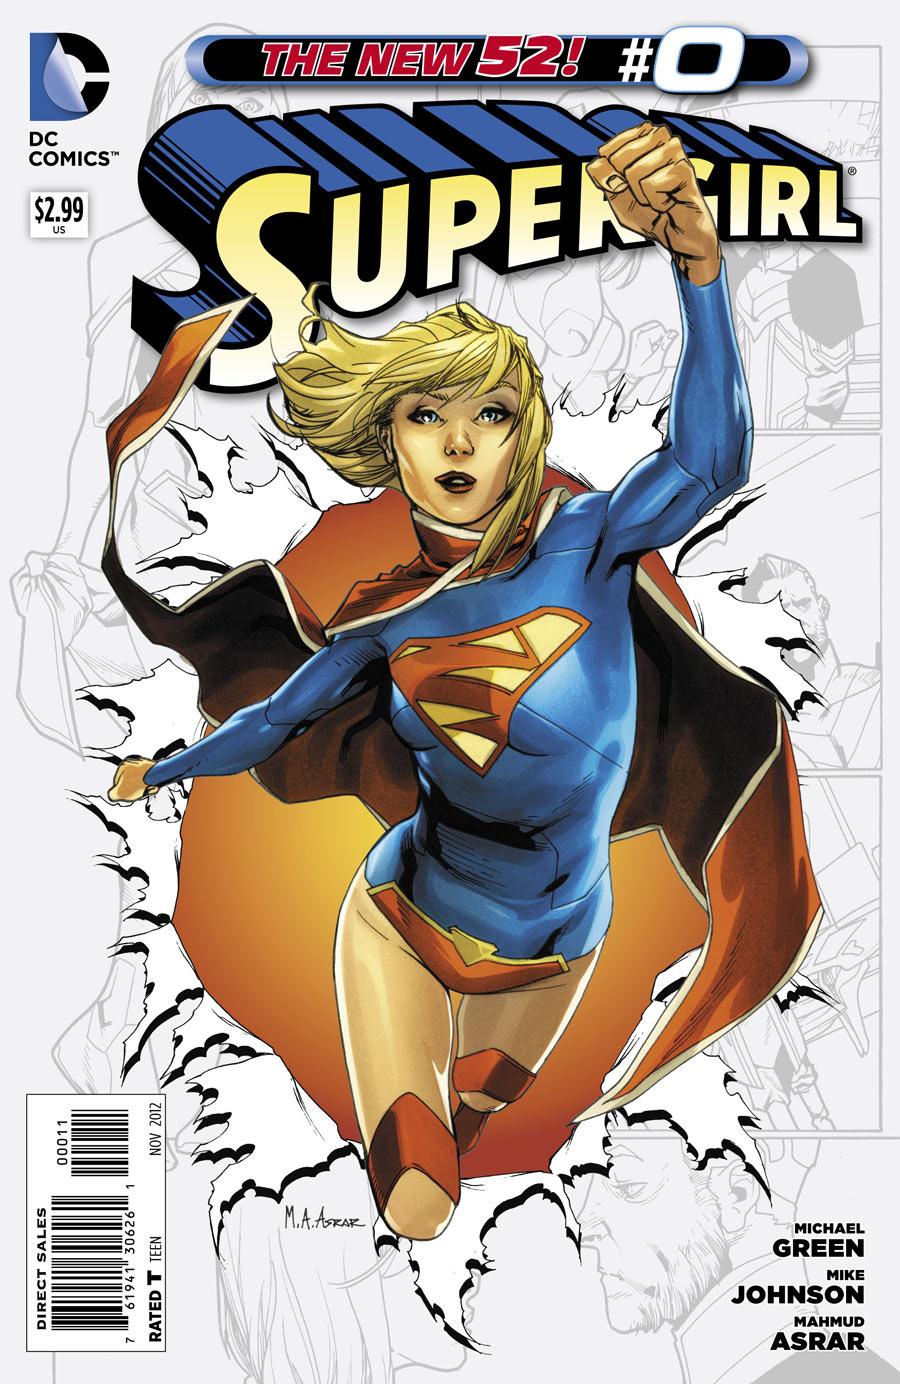 Supergirl #0